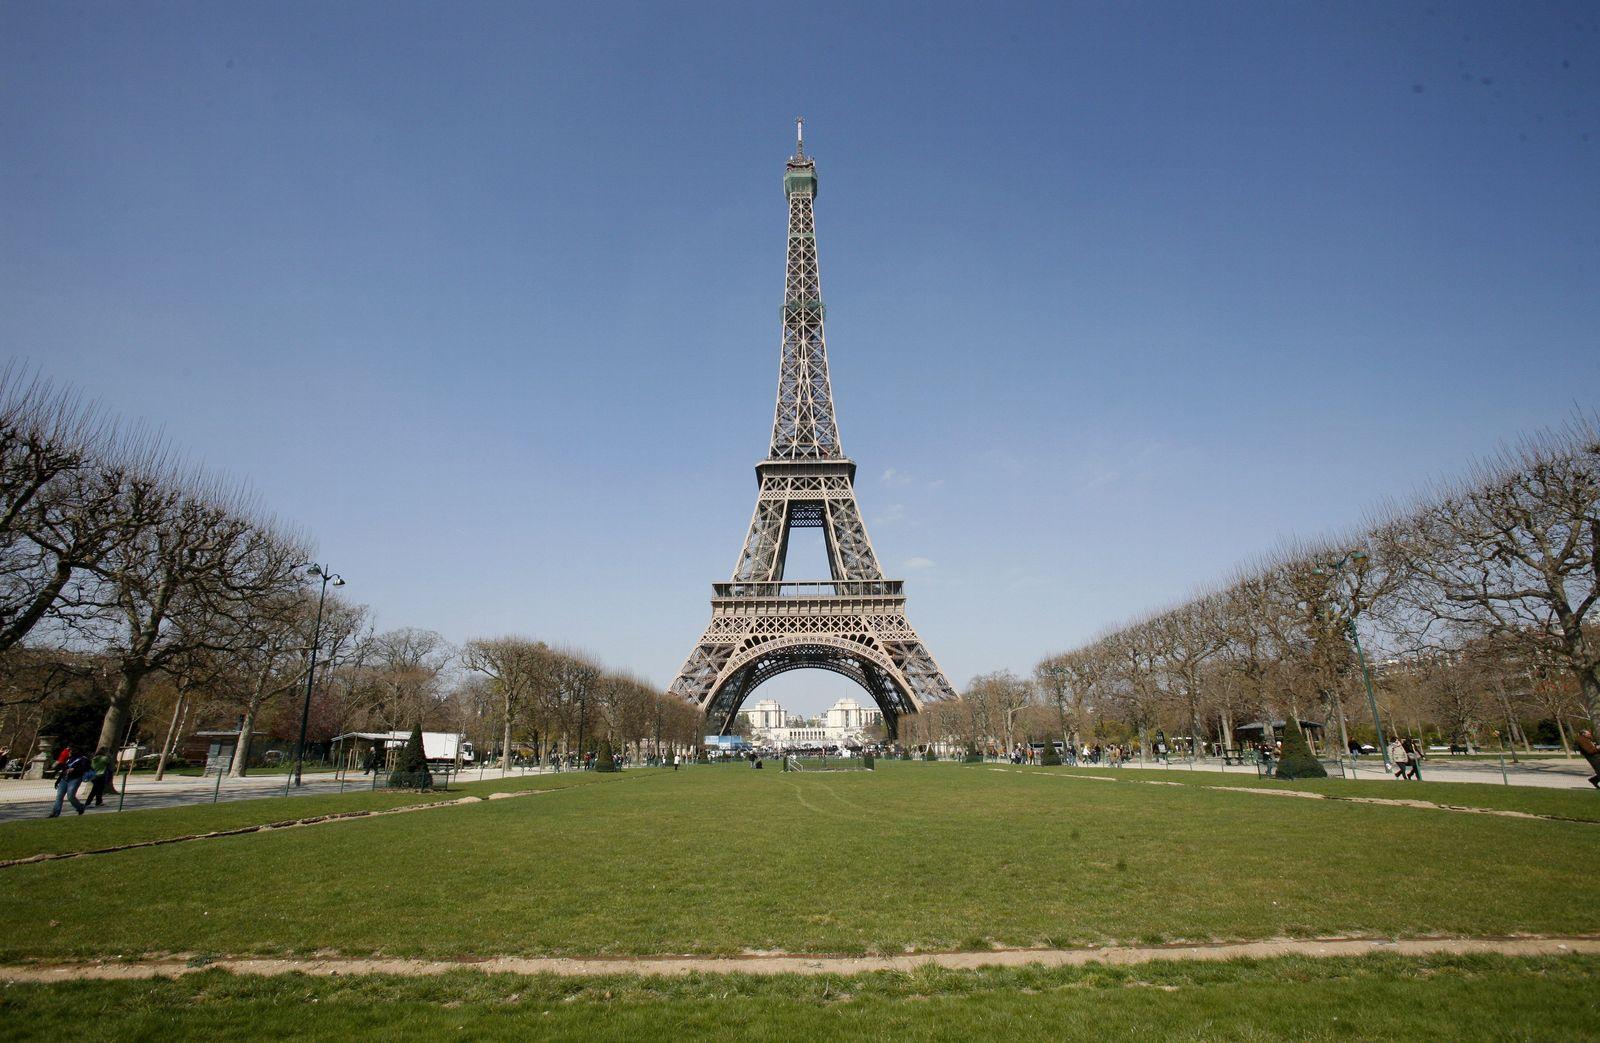 Städtetrip/ Paris/ Thema mmO: Frankreich // Paris / Eiffelturm